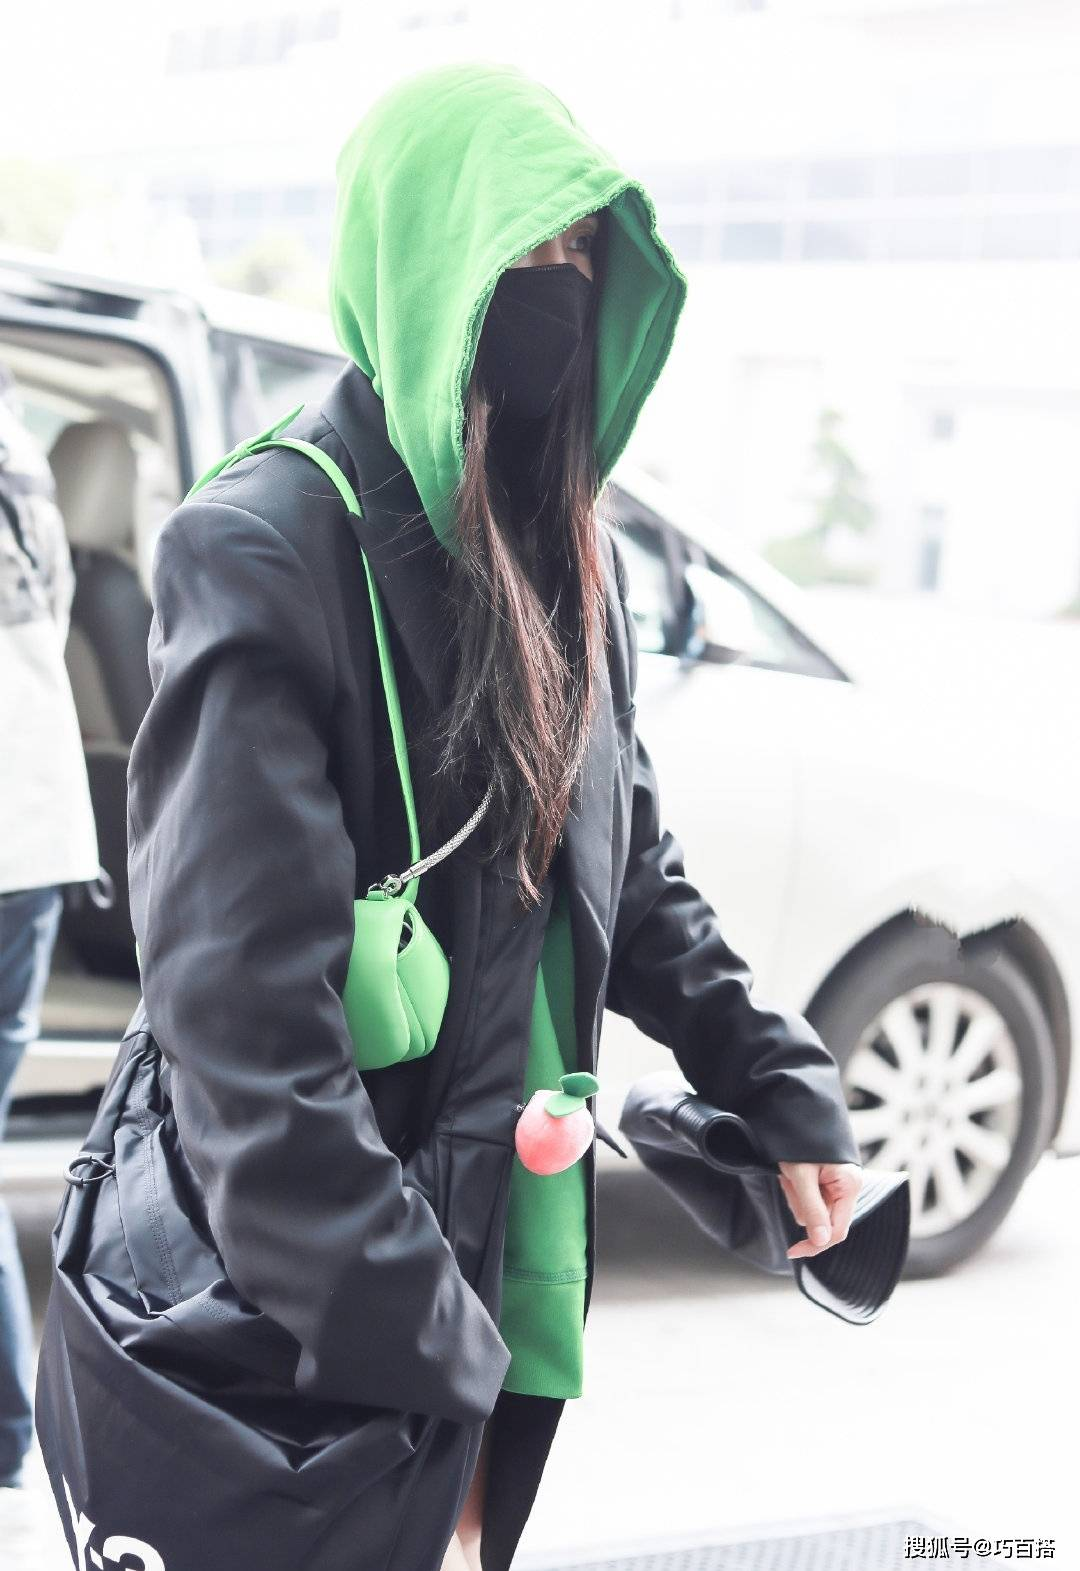 原创             杨幂衣品真是出了名的优越,轻松hold住绿色连帽卫衣,效果绝美